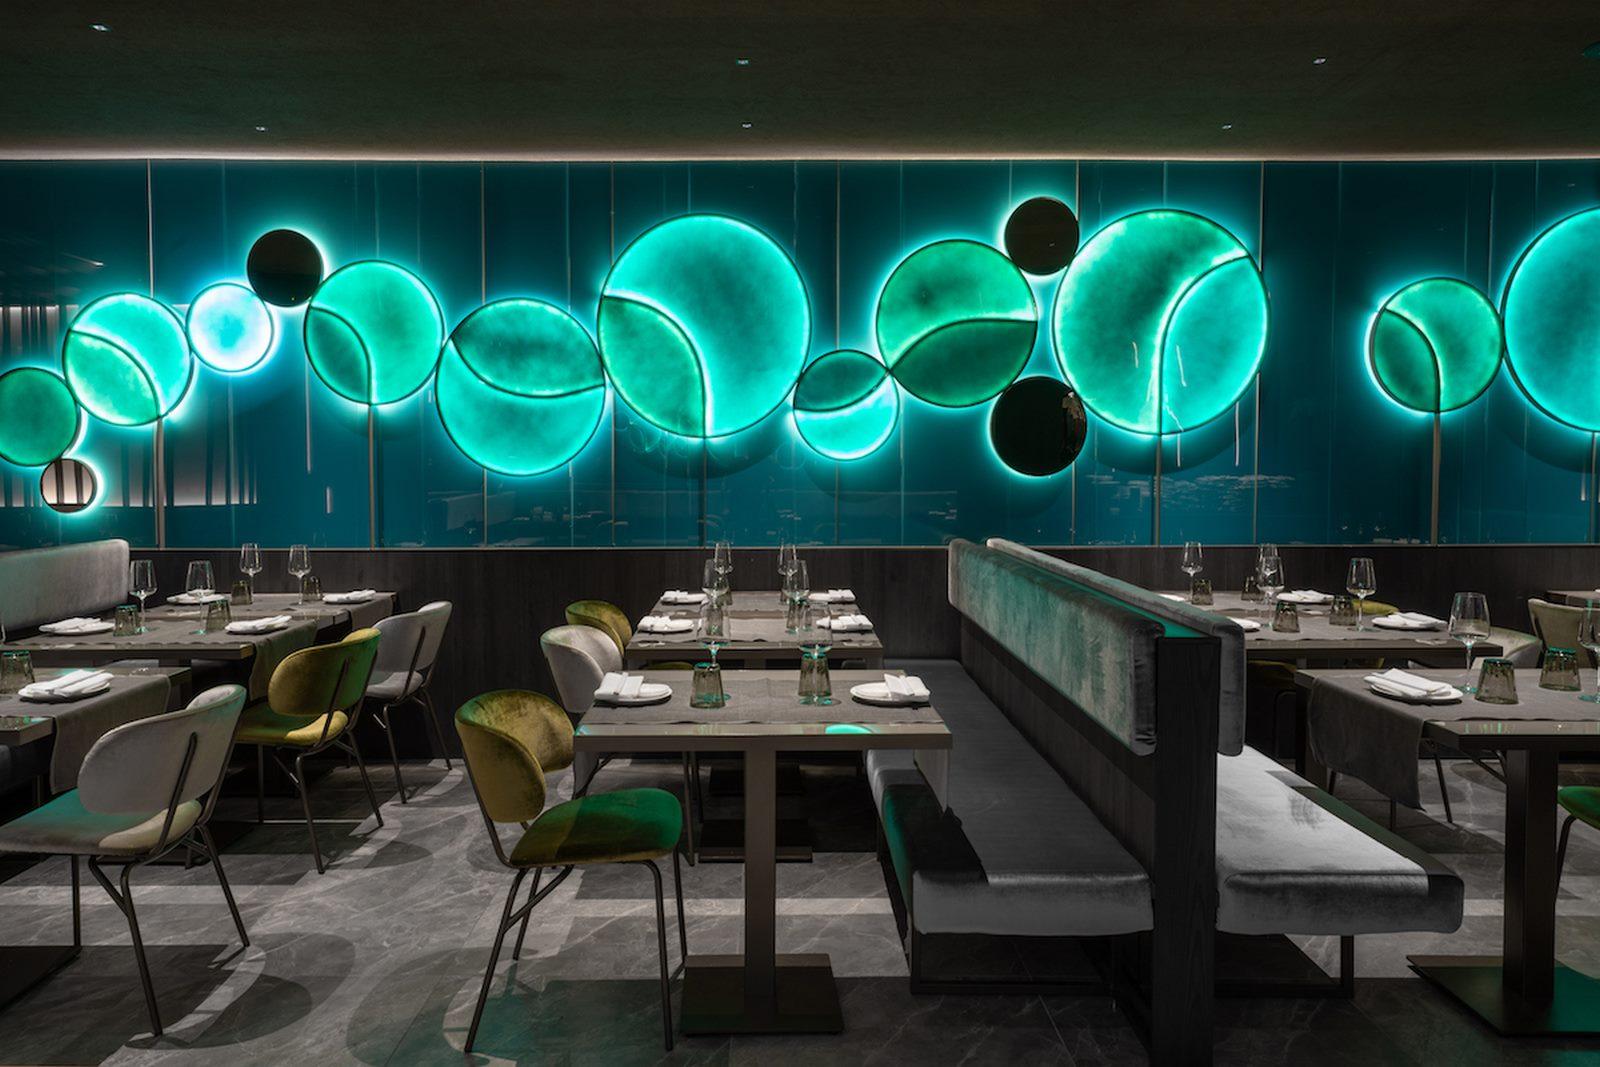 Restaurante Moya. Maurizio Lai define nuevos espacios para la experiencia gastronómica 24